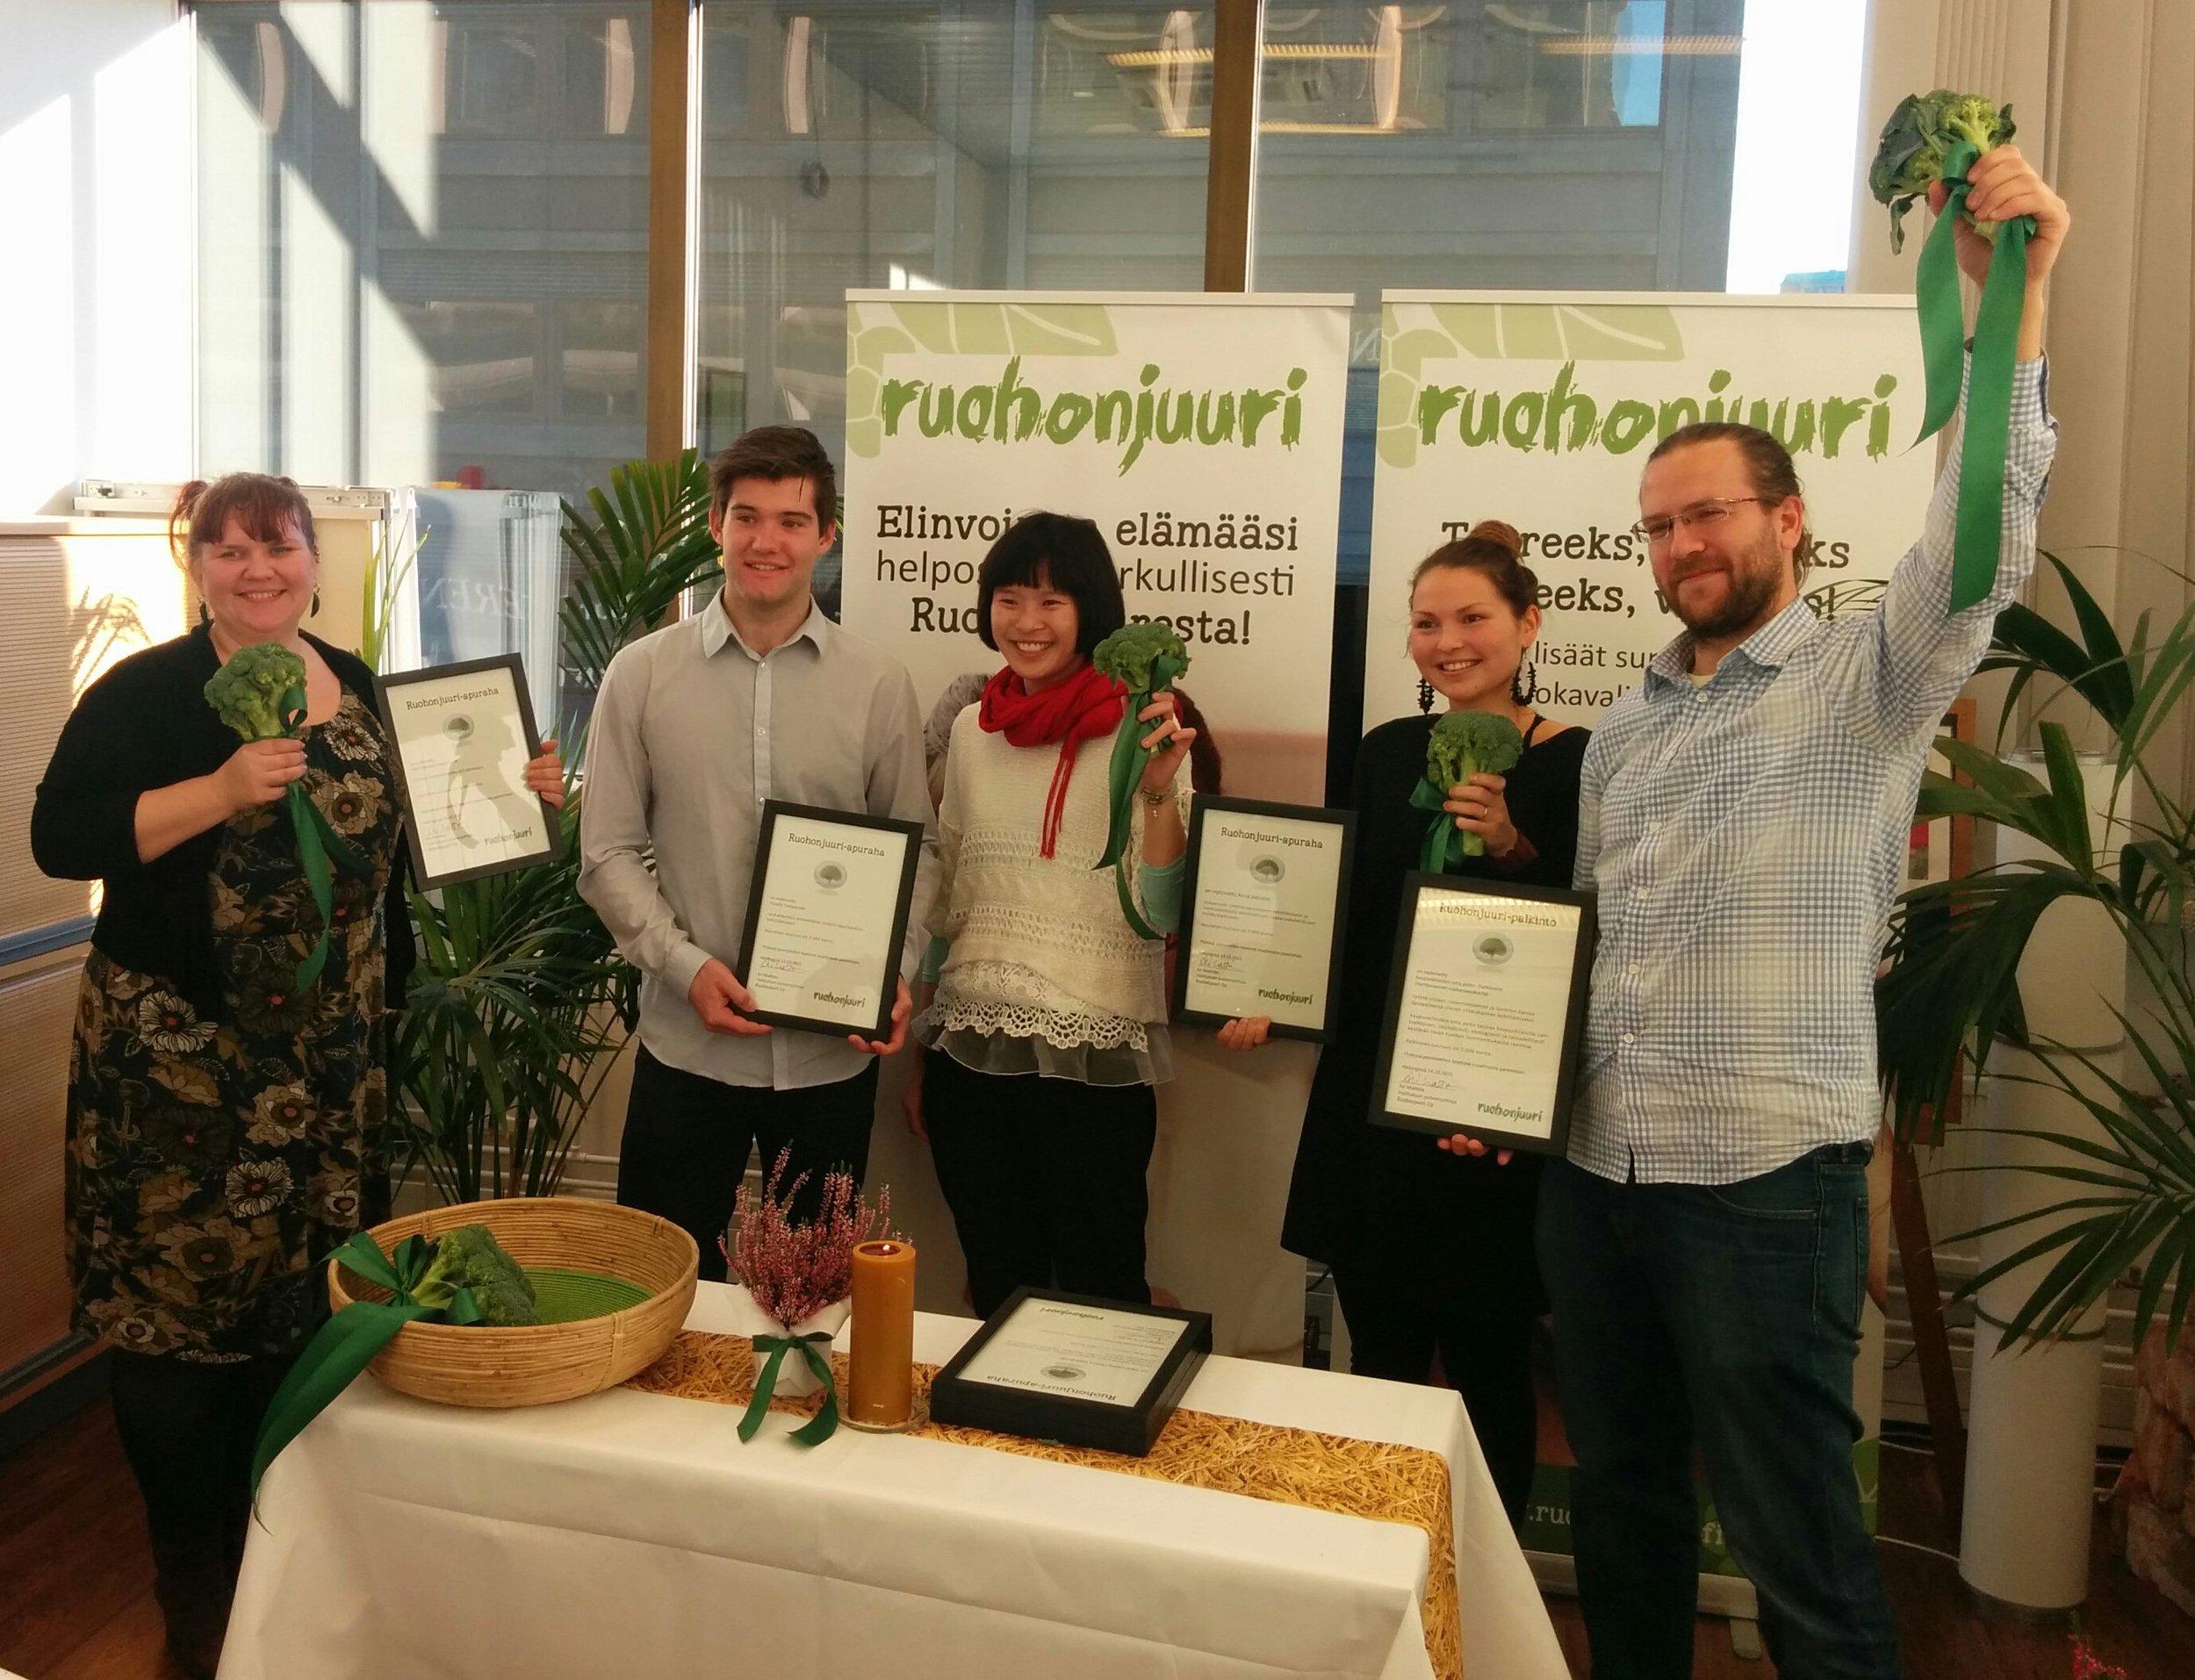 Kaupunkilaisten oma pelto sai Ruohonjuuri-palkinnon 2015